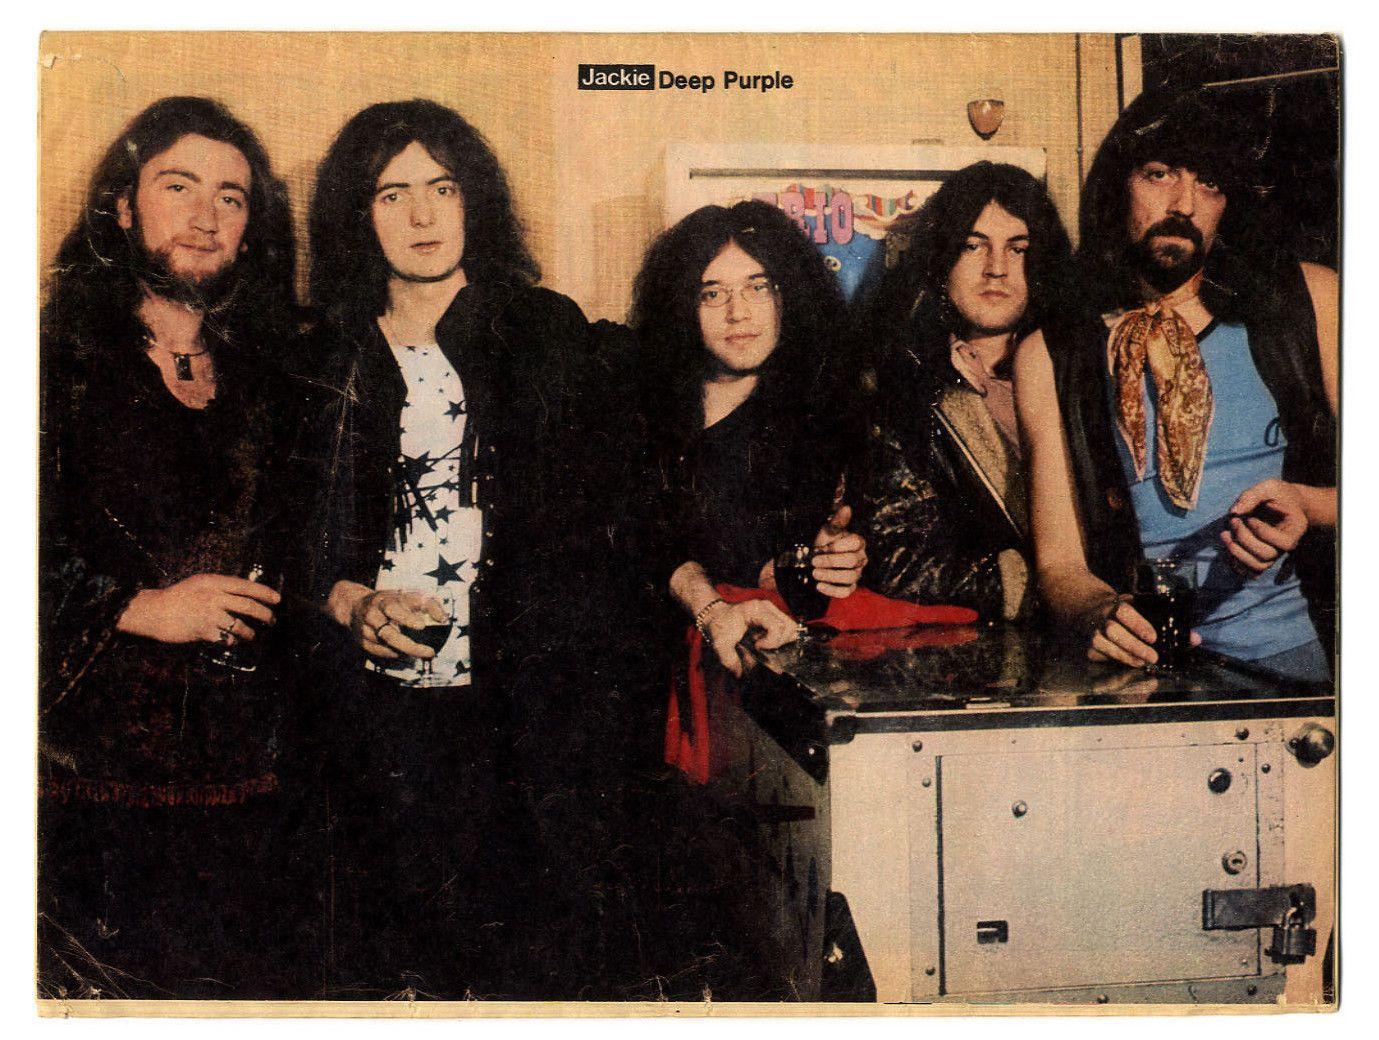 DEEP PURPLE - JACKIE - 1 MAY 1971*   Deep purple, Purple, Jon lord